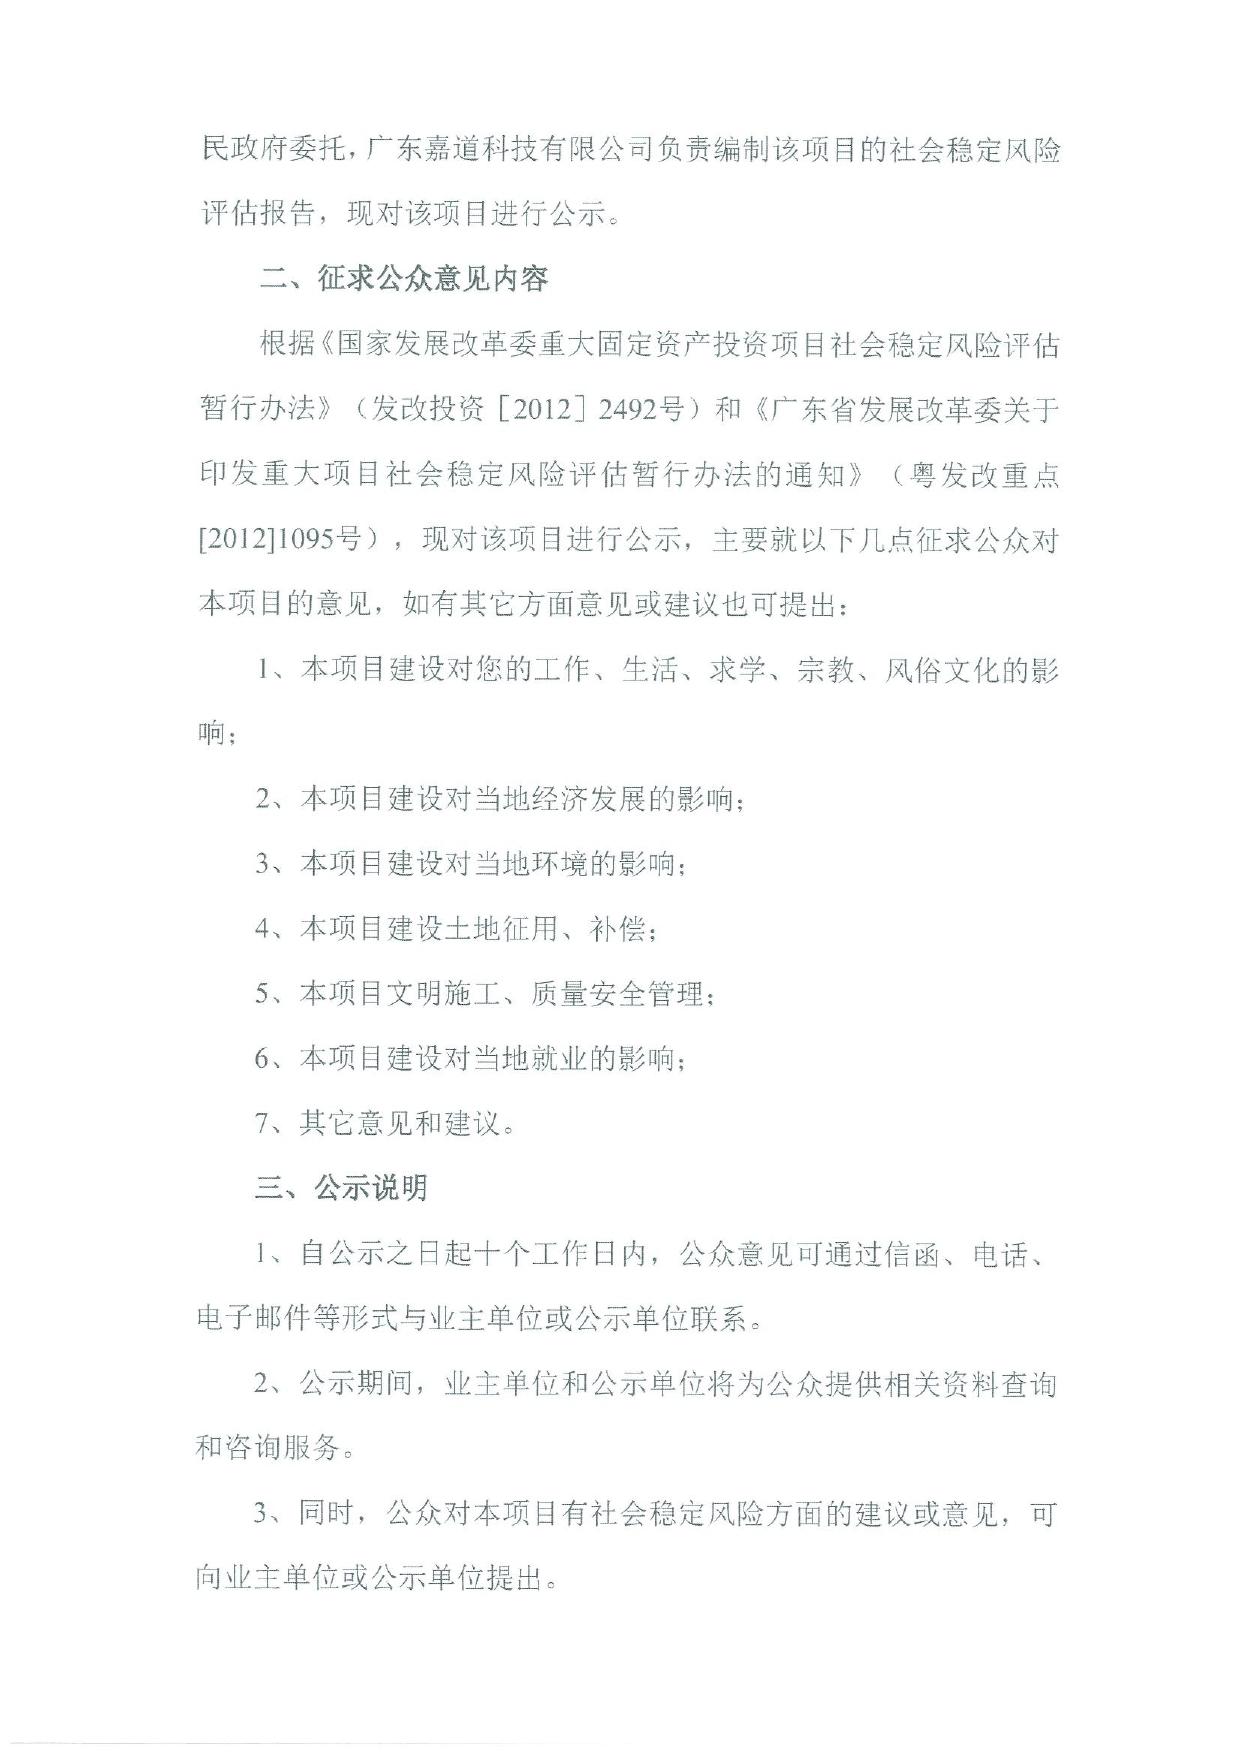 广东梅州抽水蓄能电站二期工程社会稳定风险评估公示(1)0001.jpg